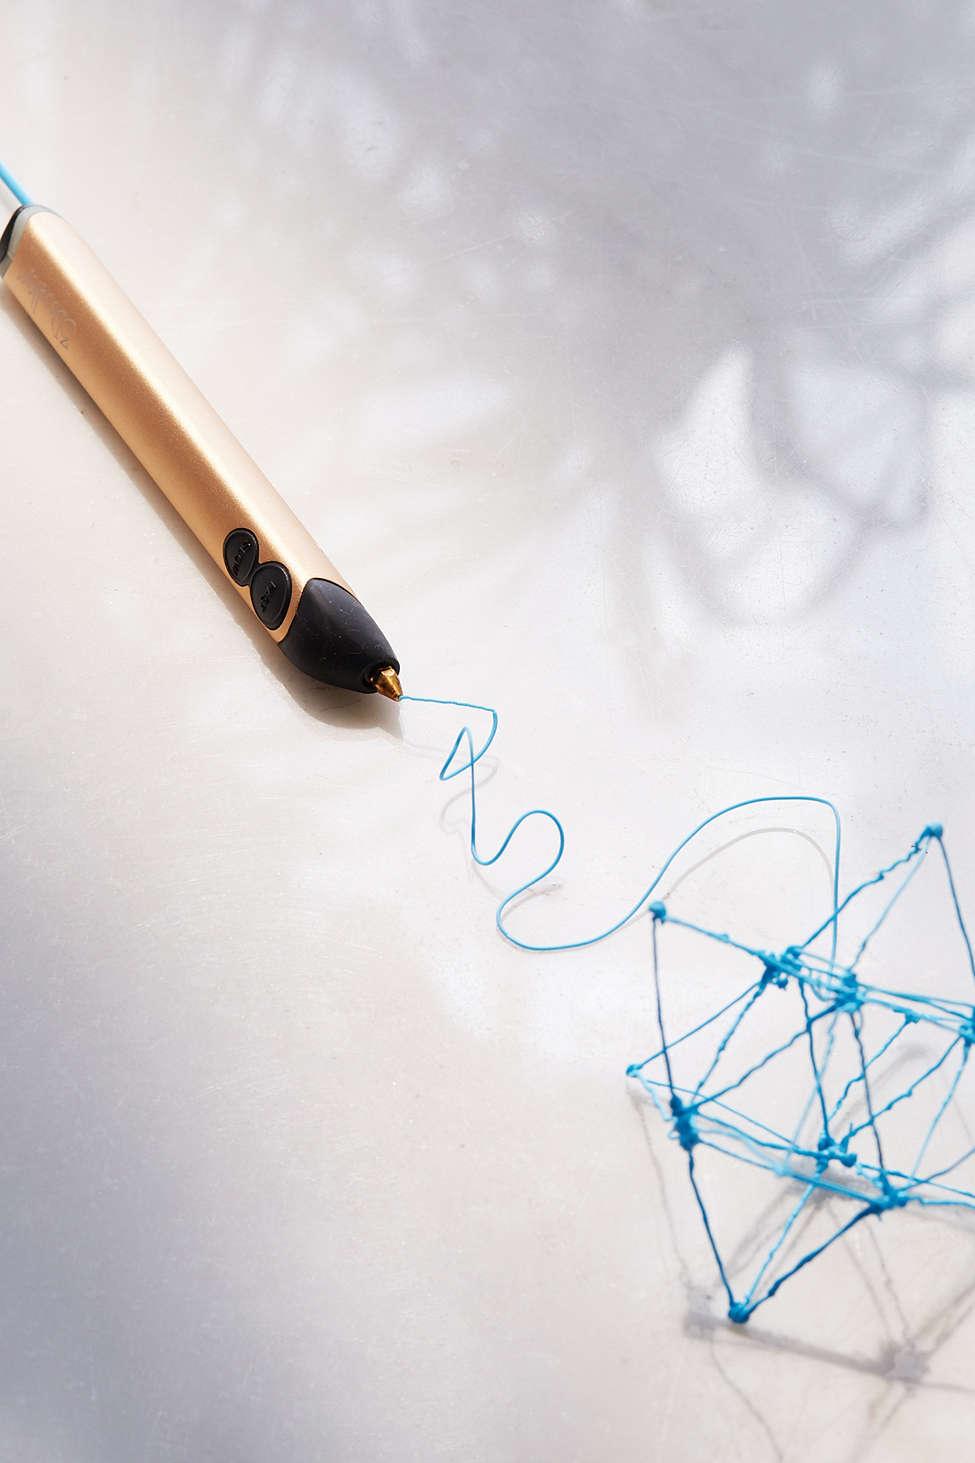 3Doodler 3D Pen $99